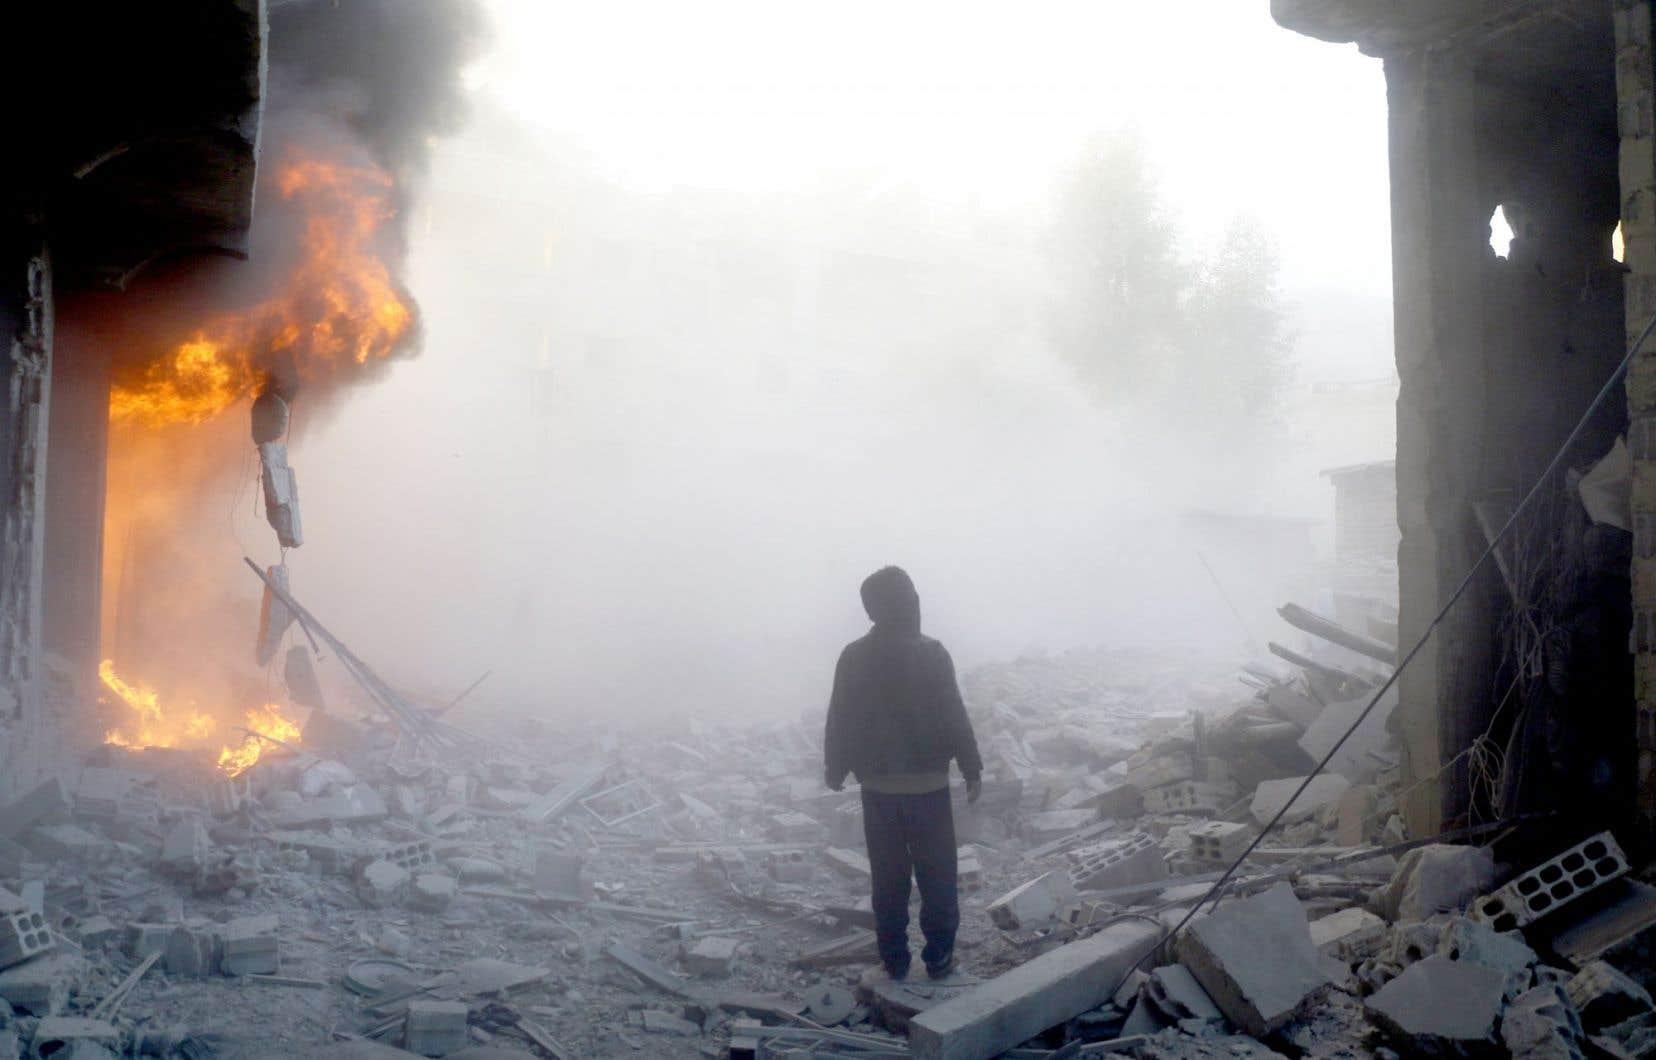 Pendant que les dirigeants discutent, les hostilités se poursuivent sur le terrain. Un fief des opposants près de Damas a ainsi été bombardé jeudi par les forces du régime.